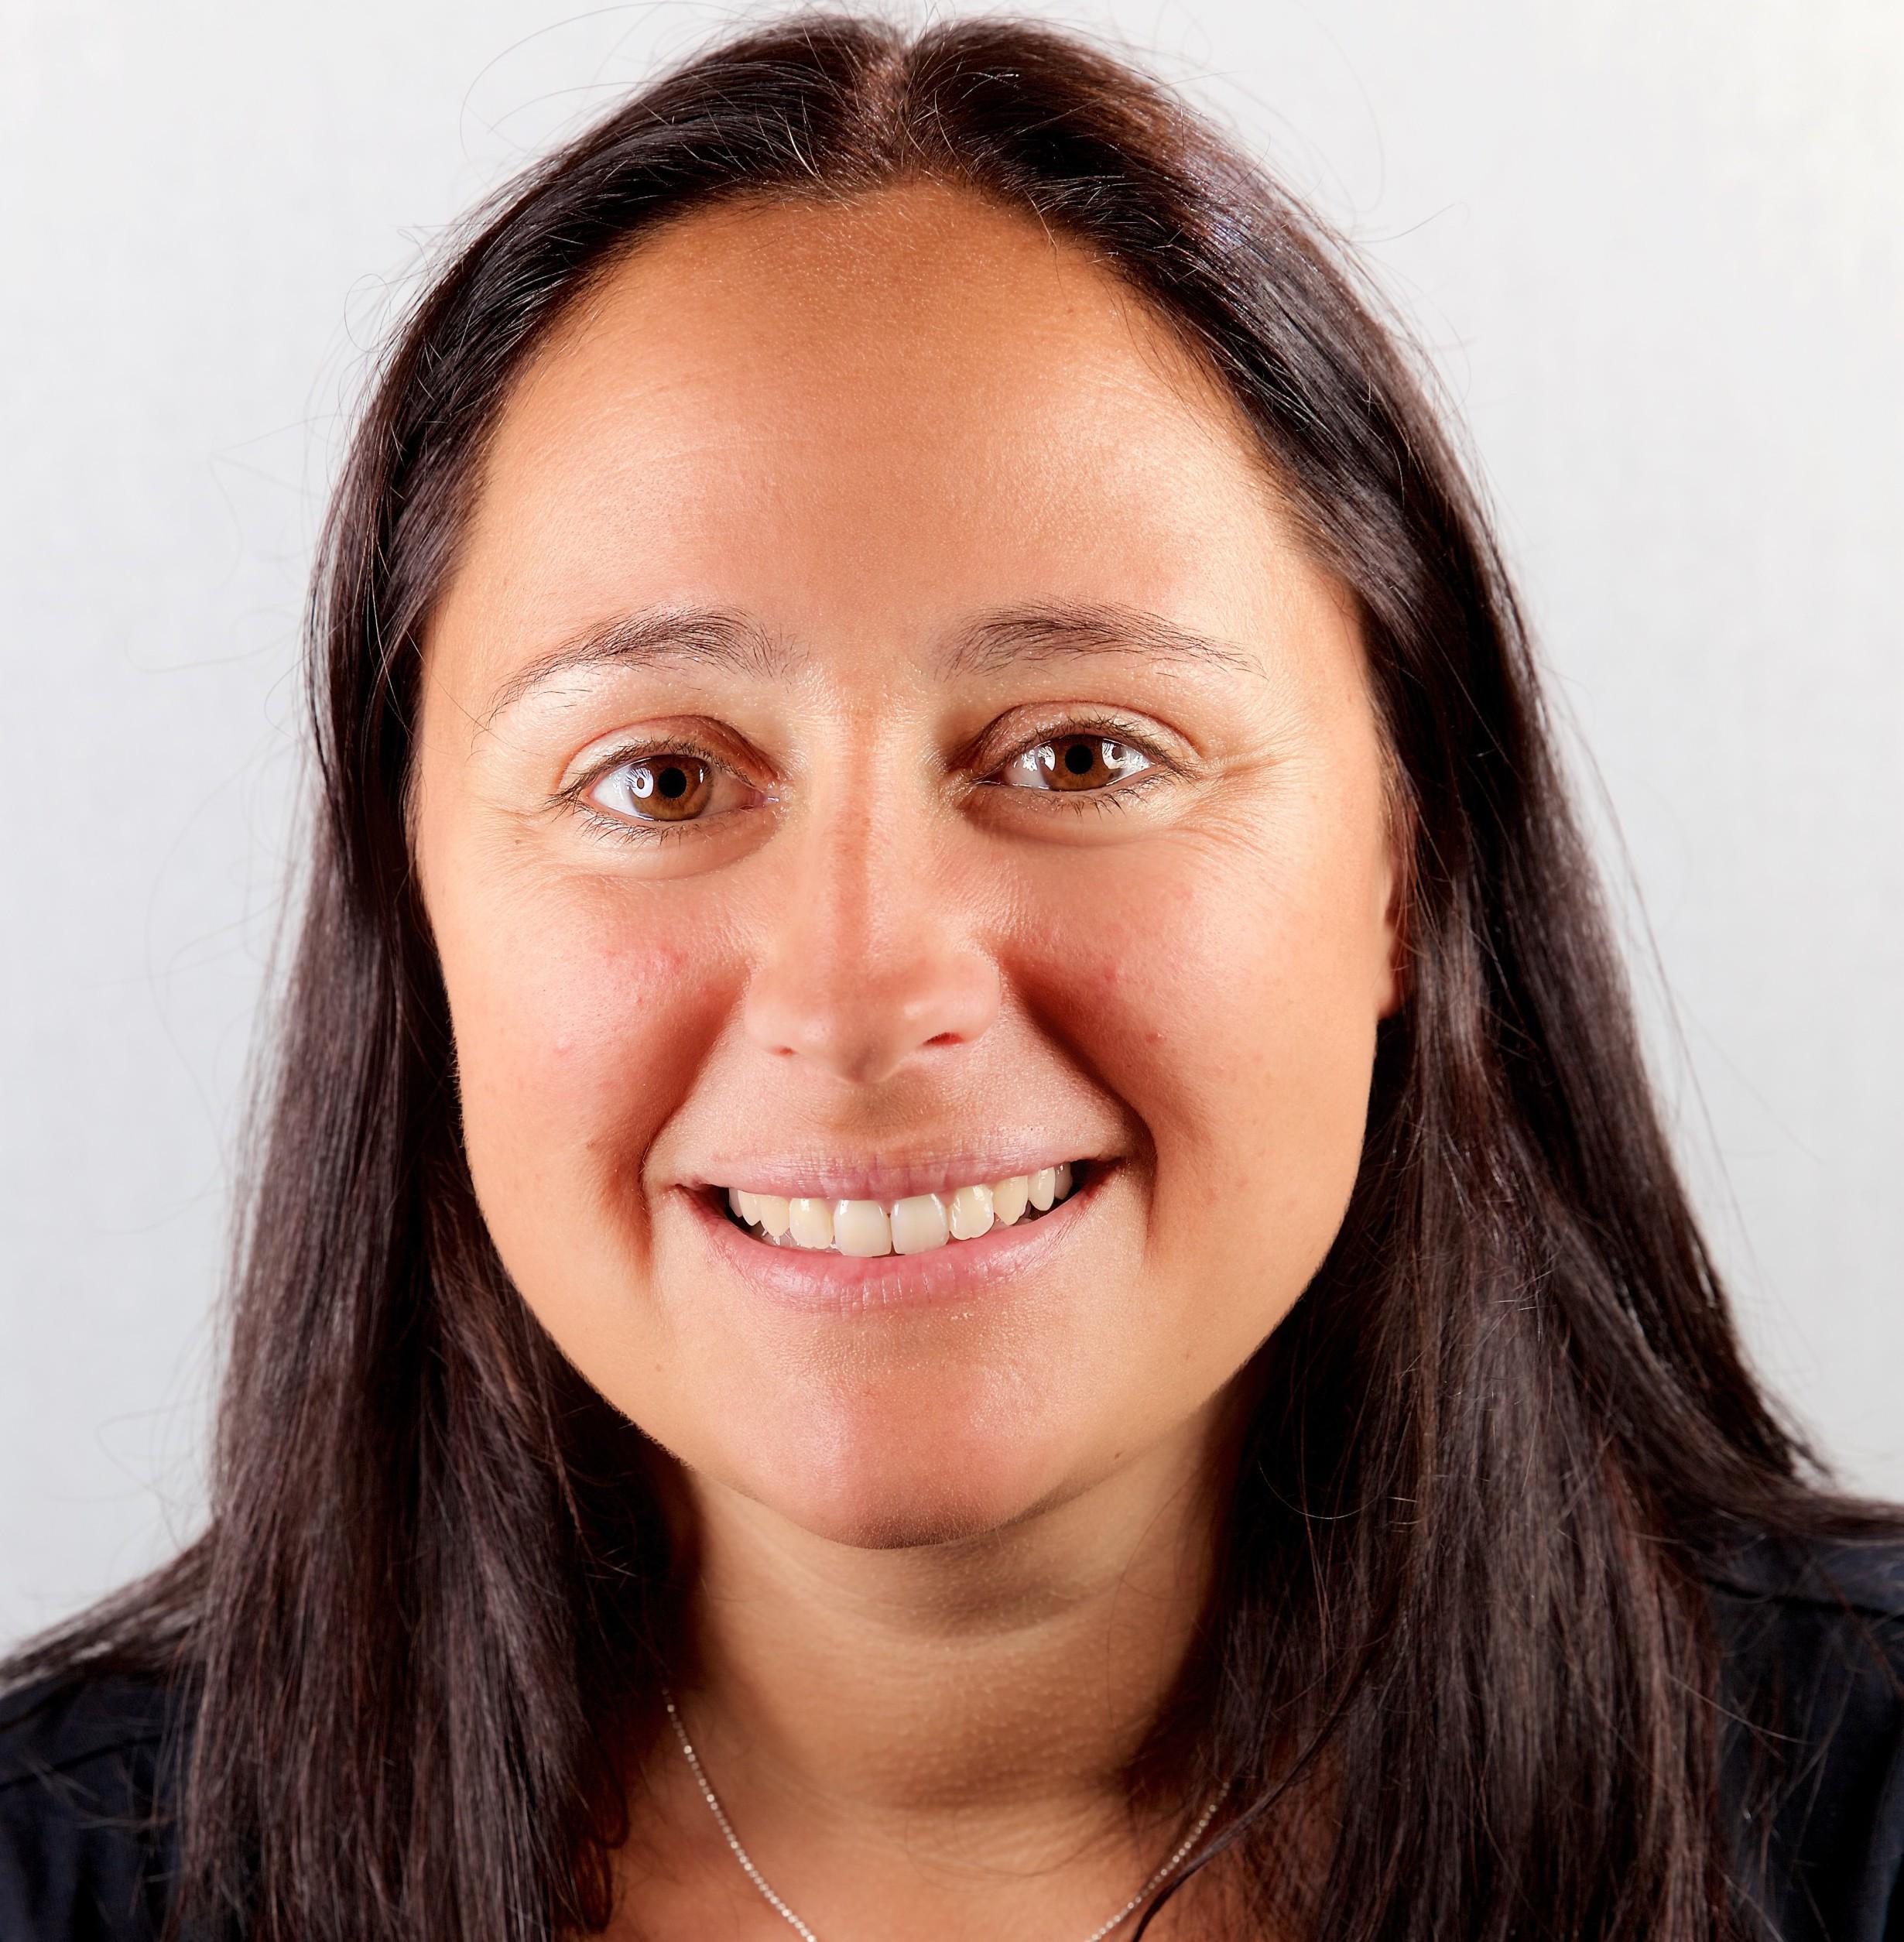 Nicole Rößger, Osteopathin bei Vitamoveo, Praxis für Osteopathie Baby, Physiotherapie, unerfüllter Kinderwunsch.